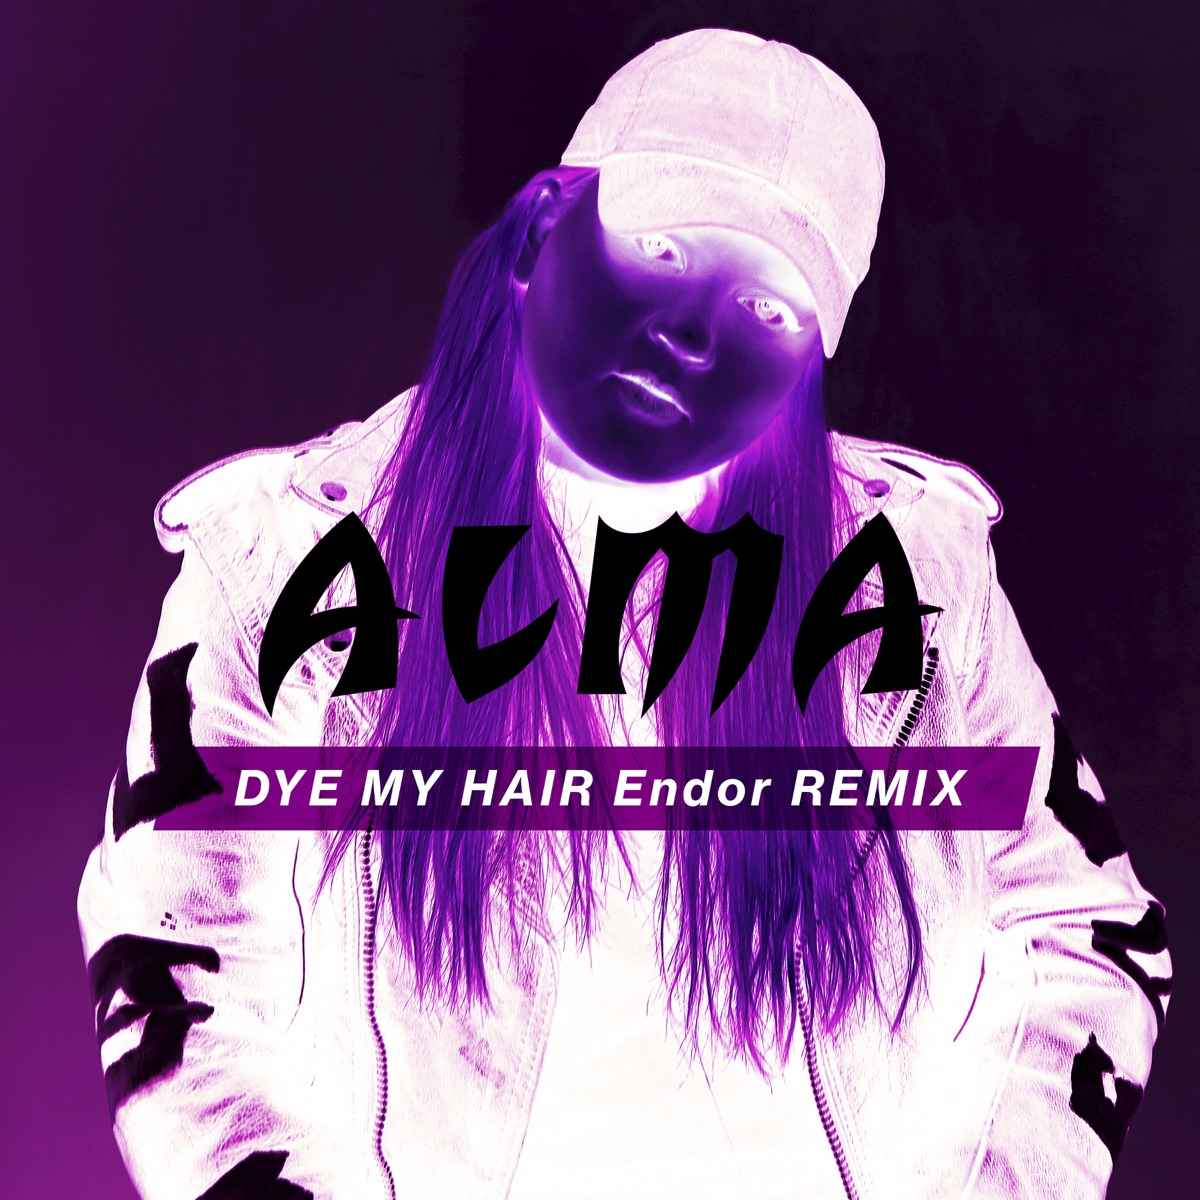 Dye My Hair Endor Remix - Single ALMA CD cover